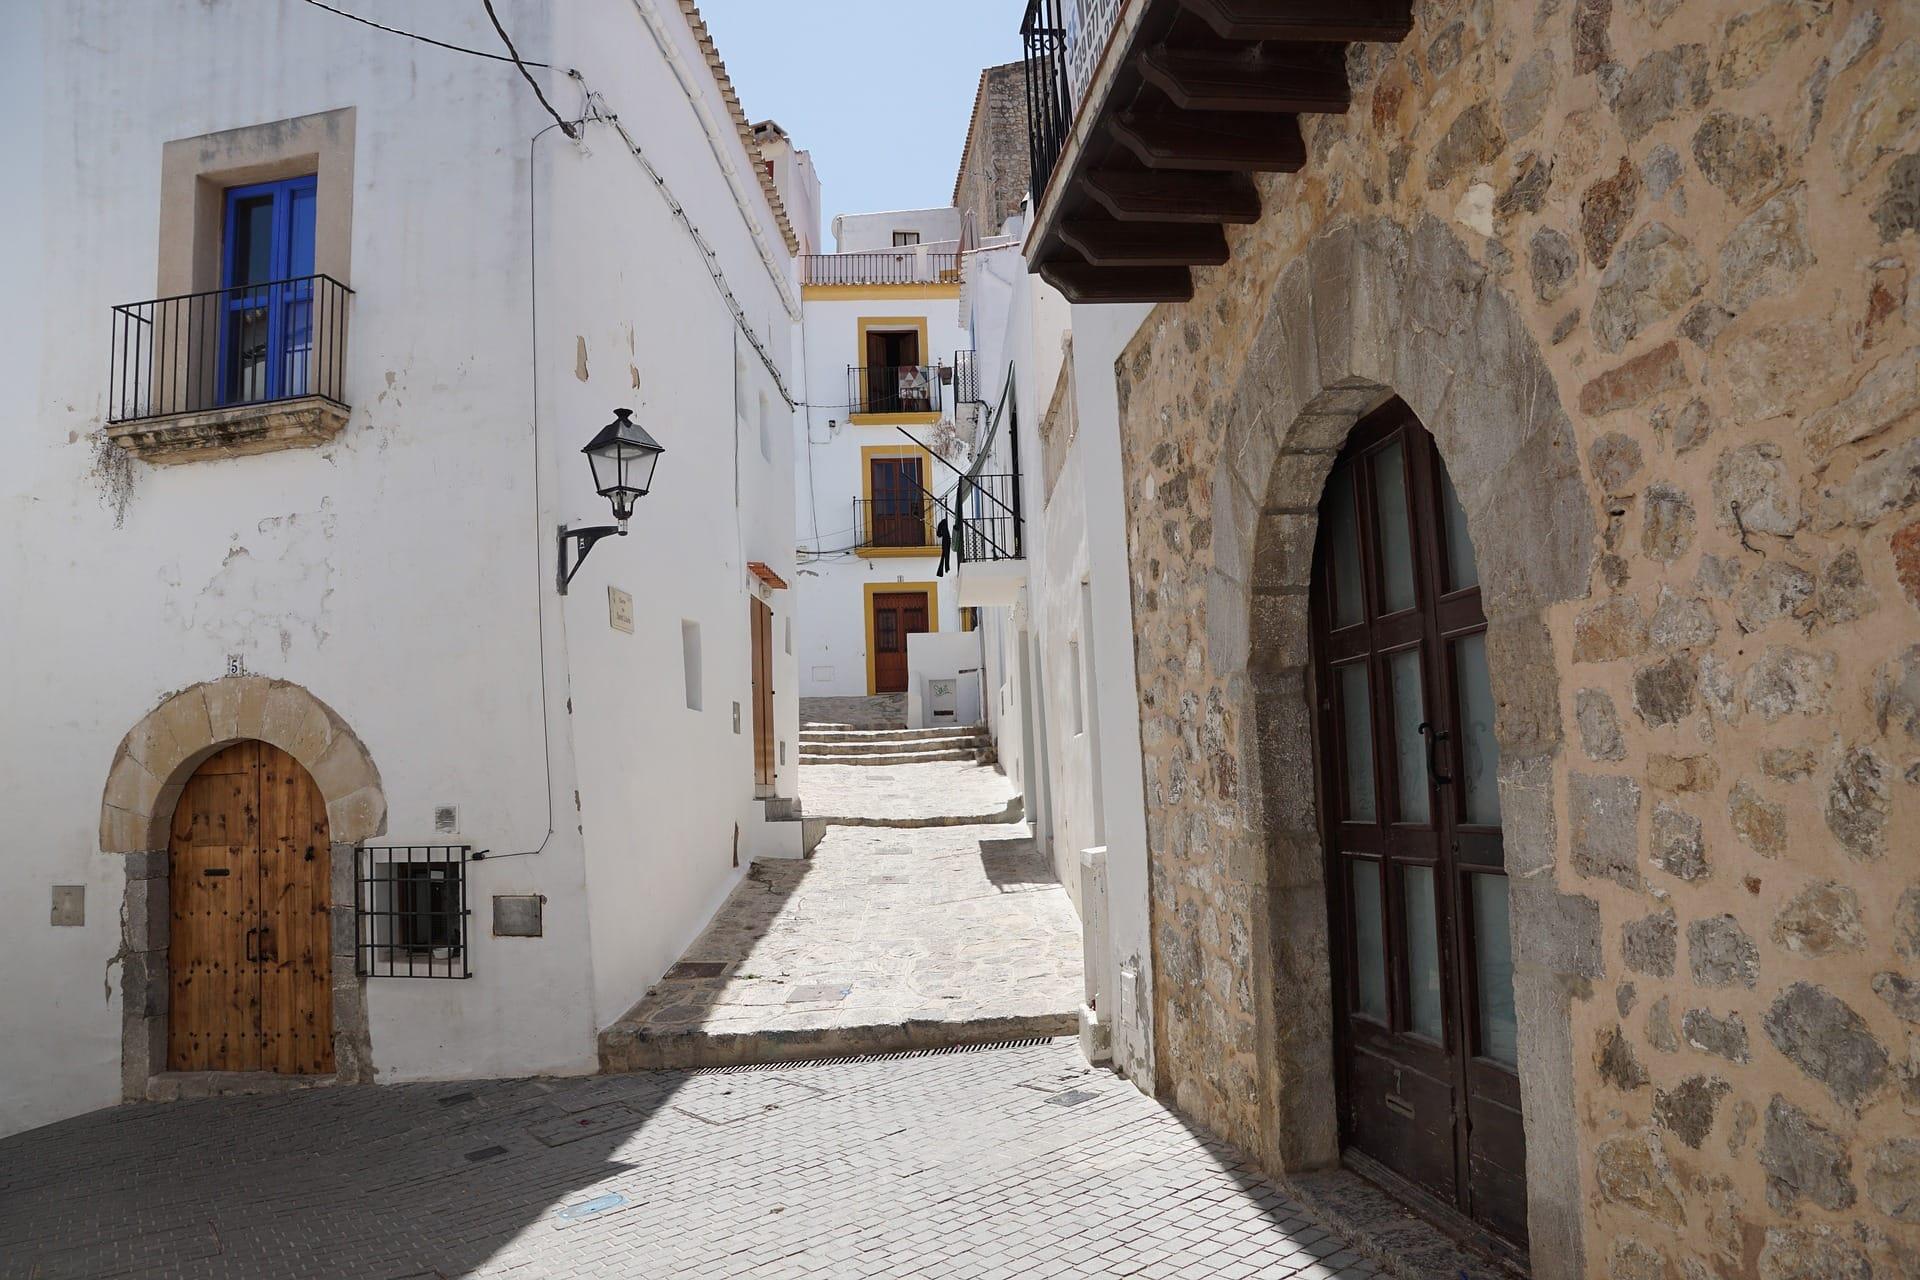 An insight into the history of Dalt Vila and Ibiza